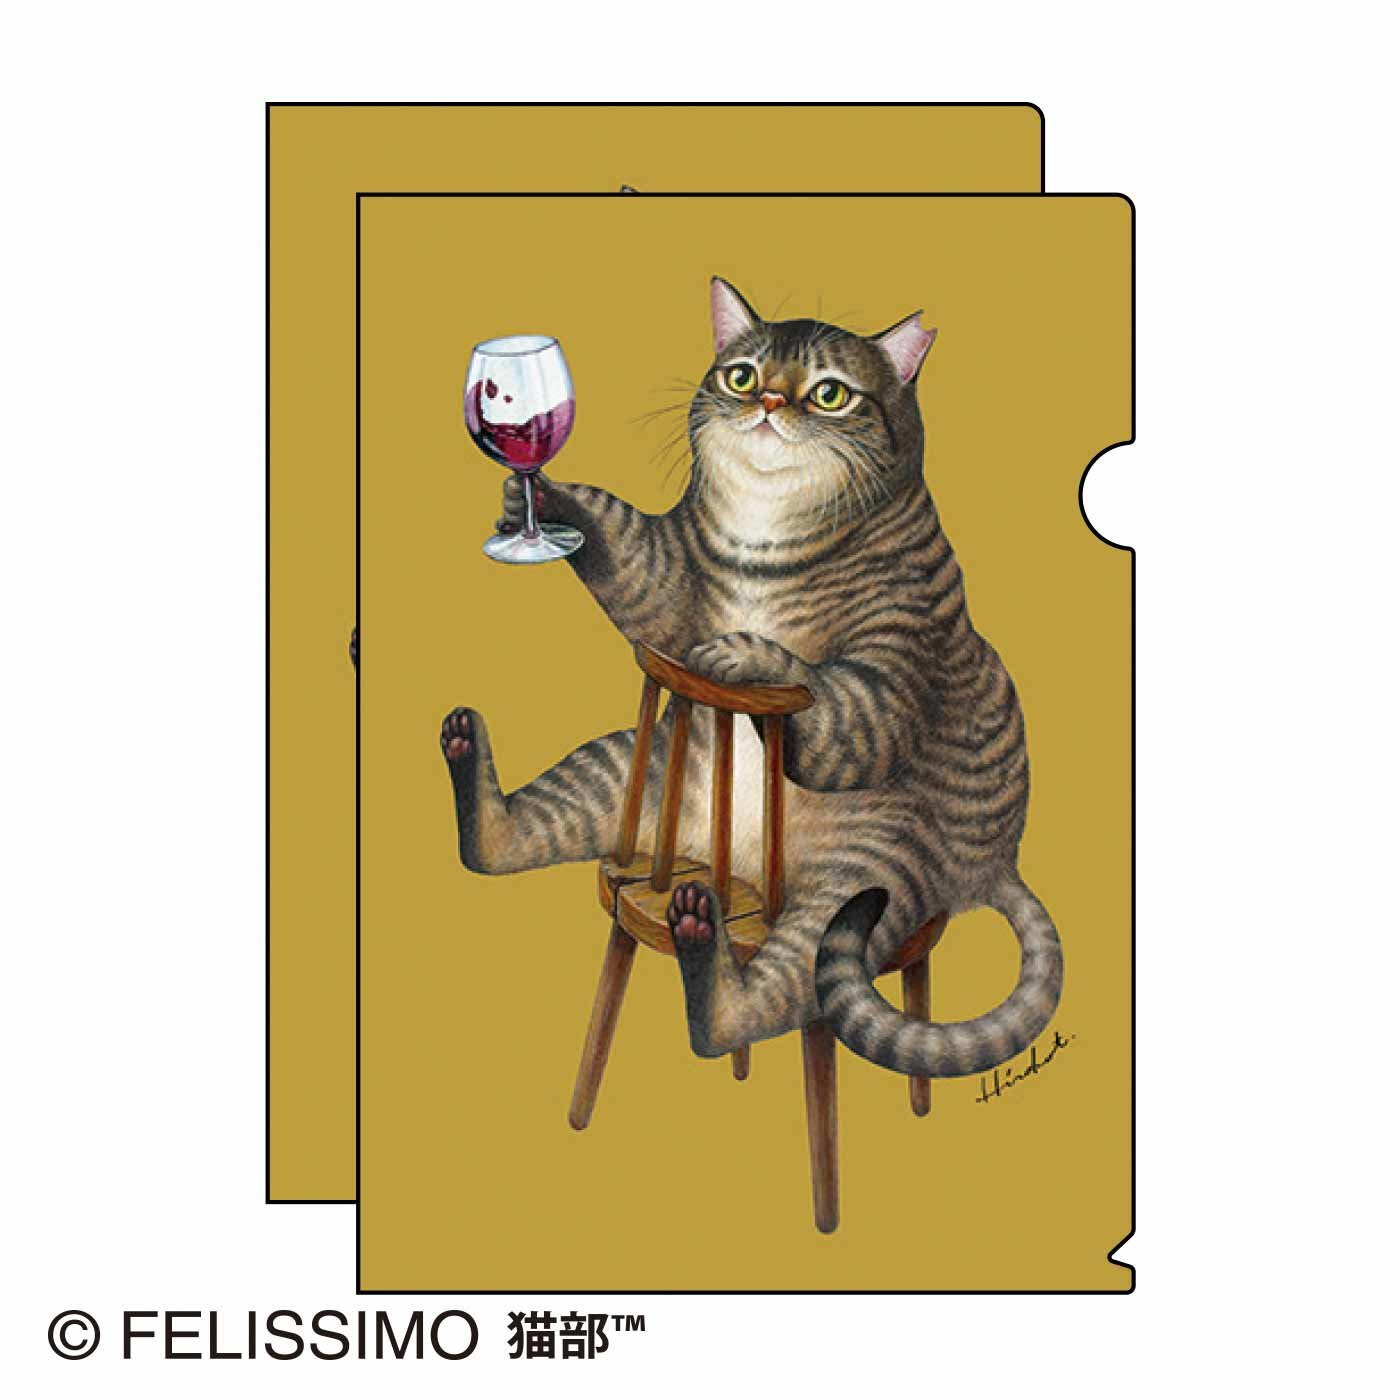 たなかひろこ×猫部 地域猫チャリティークリアファイル2021